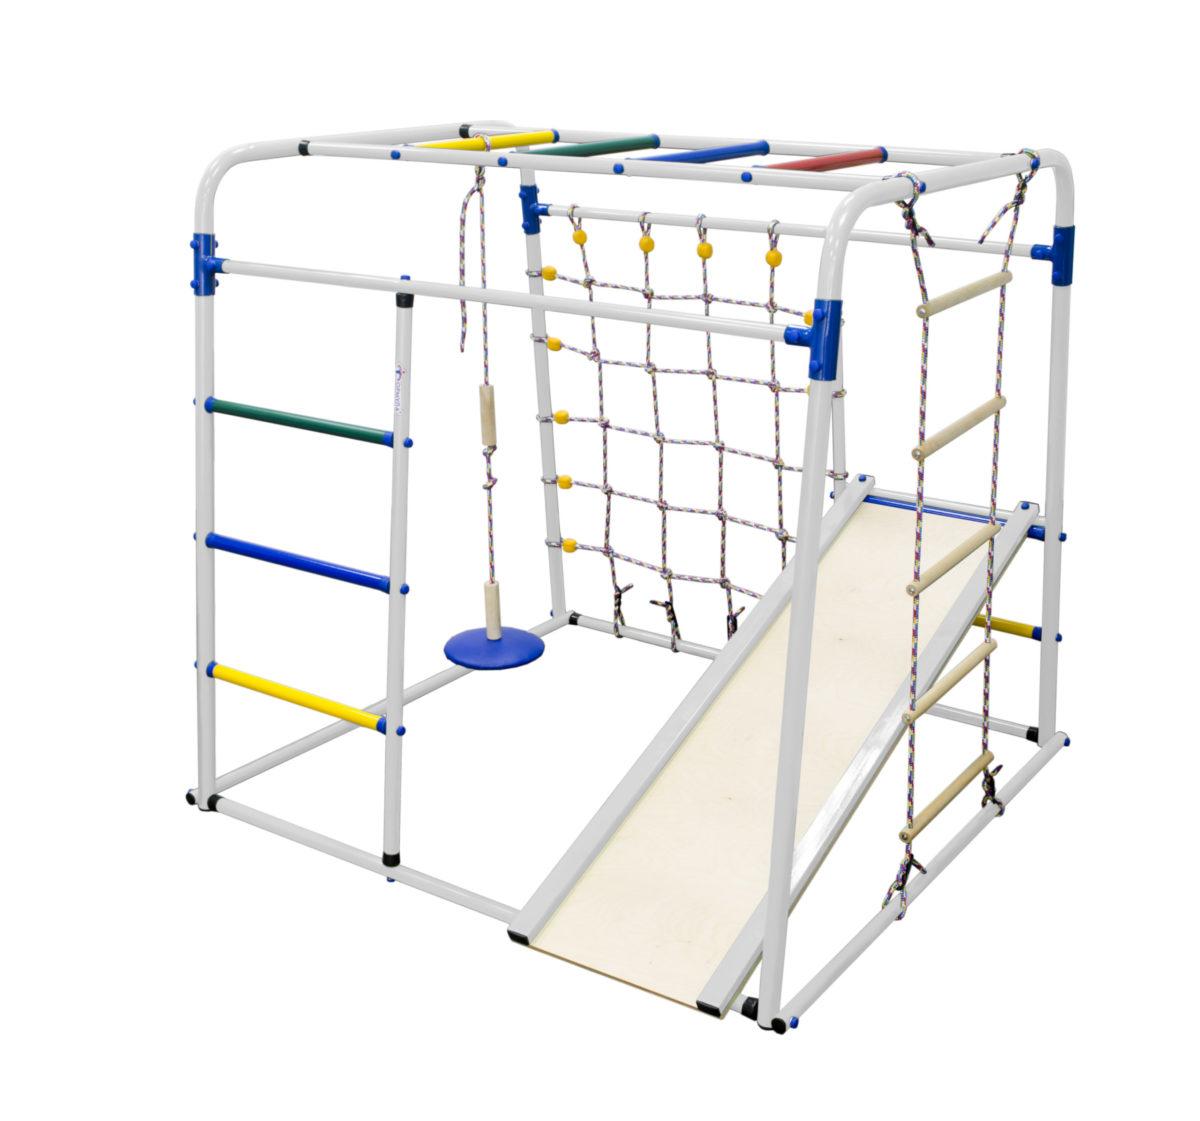 Детский спортивный комплекс Формула здоровья Start baby 1 плюс белый/радуга